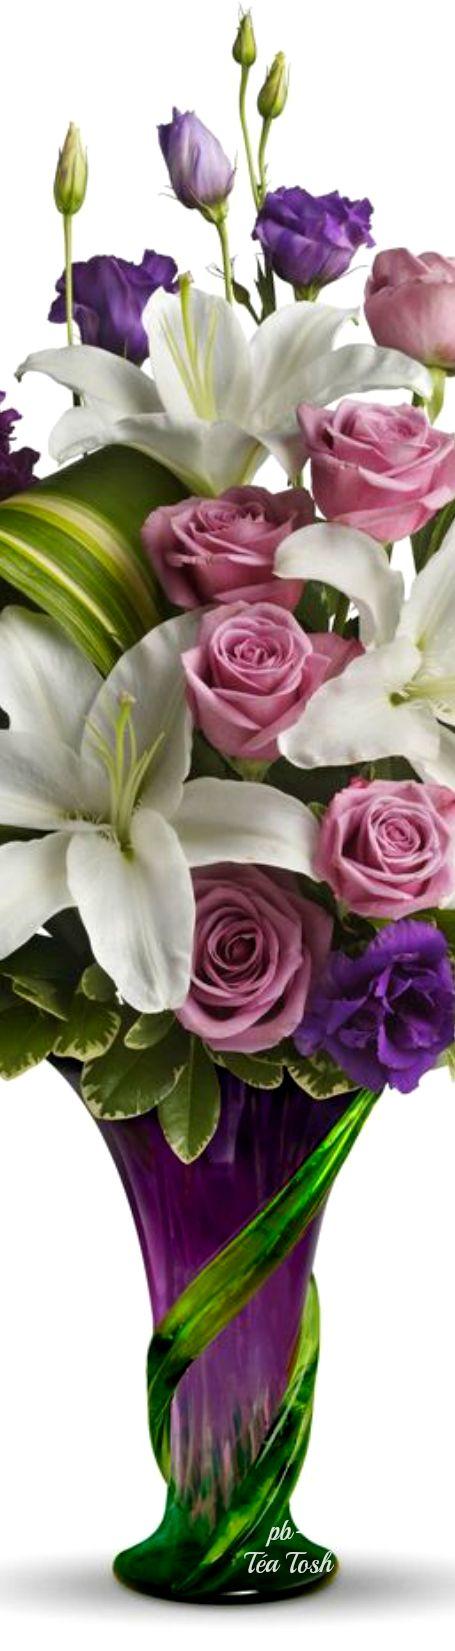 Lavender Rose Bouquet ❇ Téa Tosh